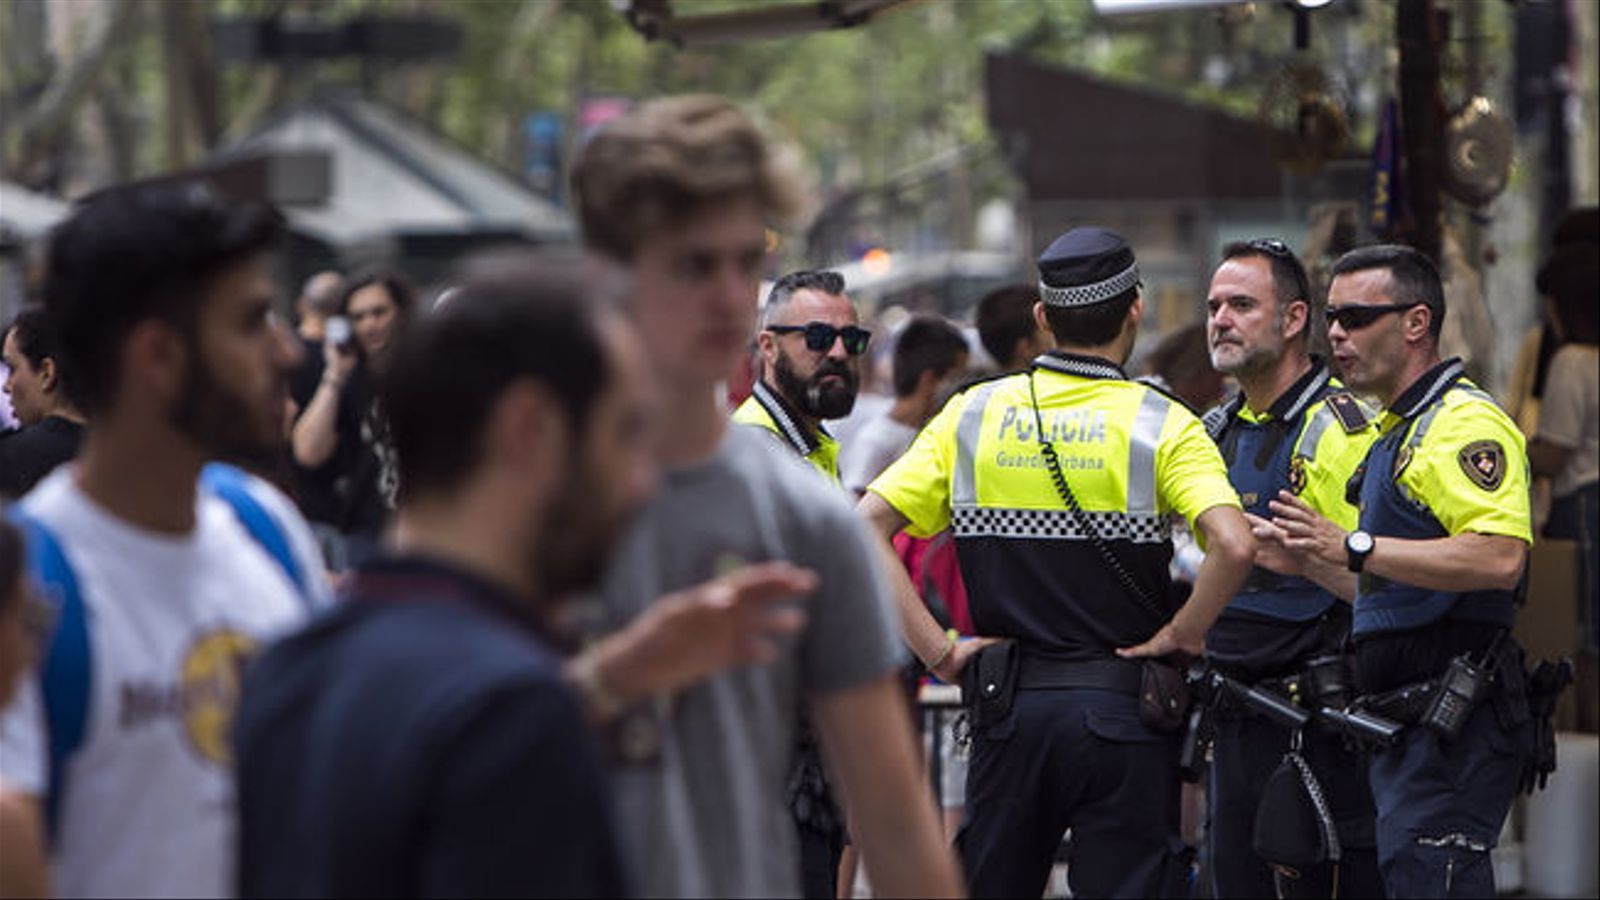 Els problemes de seguretat amarguen el final de mandat de Colau